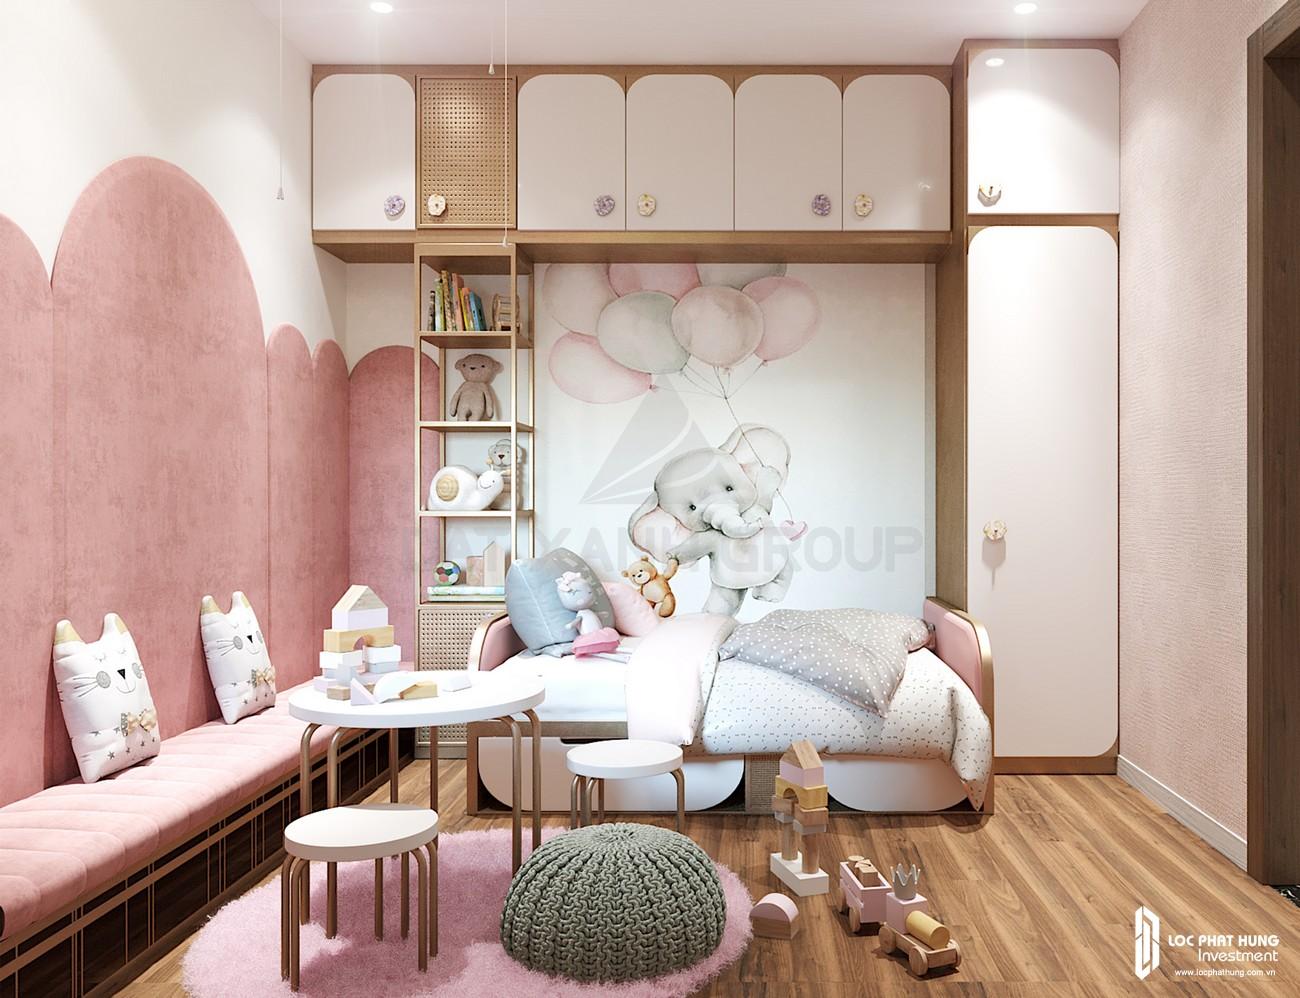 Thiế kế phòng ngủ trẻ em của nhà mẫu loại 2 phòng ngủ dự án căn hộ chung cư Opal Skyline Thuận An